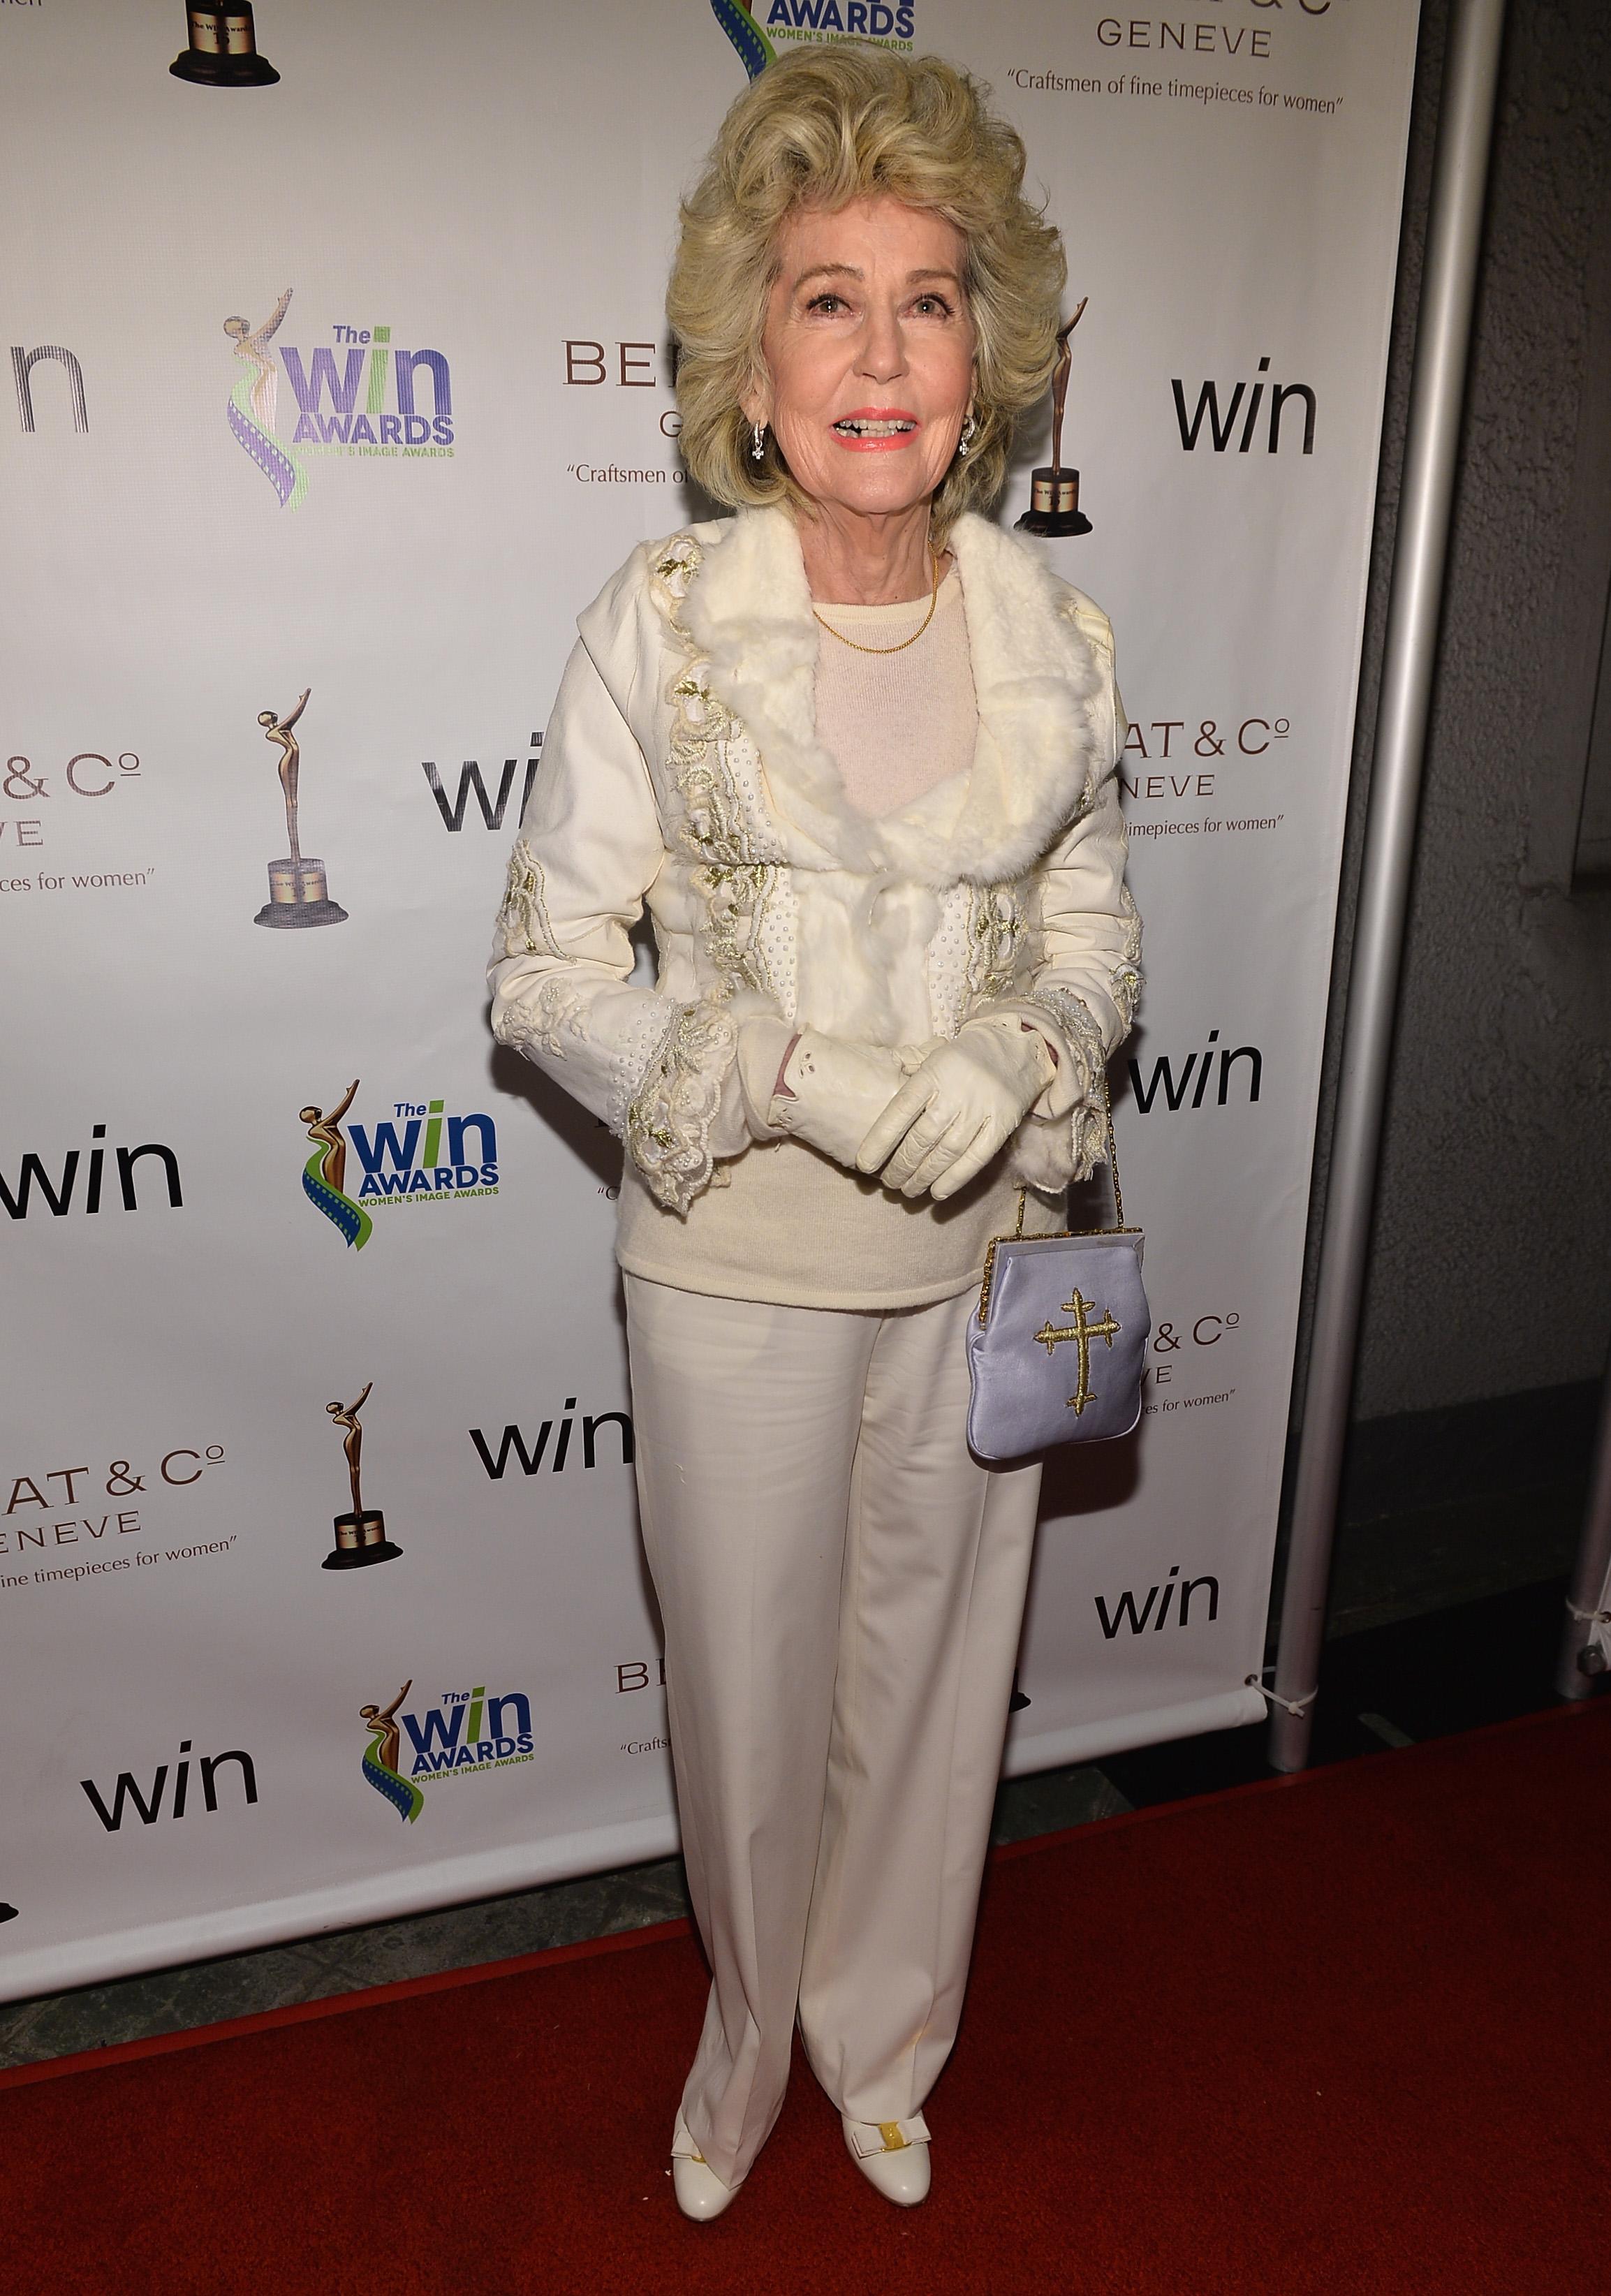 Джорджия Холт е майка на Шер. Бивша актриса, певица и модел, скоро Холт ще навърши 93 години. Въпреки това тя изглежда прекрасно. Омъжвала се е 6 пъти, два от които за един мъж, и освен Шер има още една дъщеря.